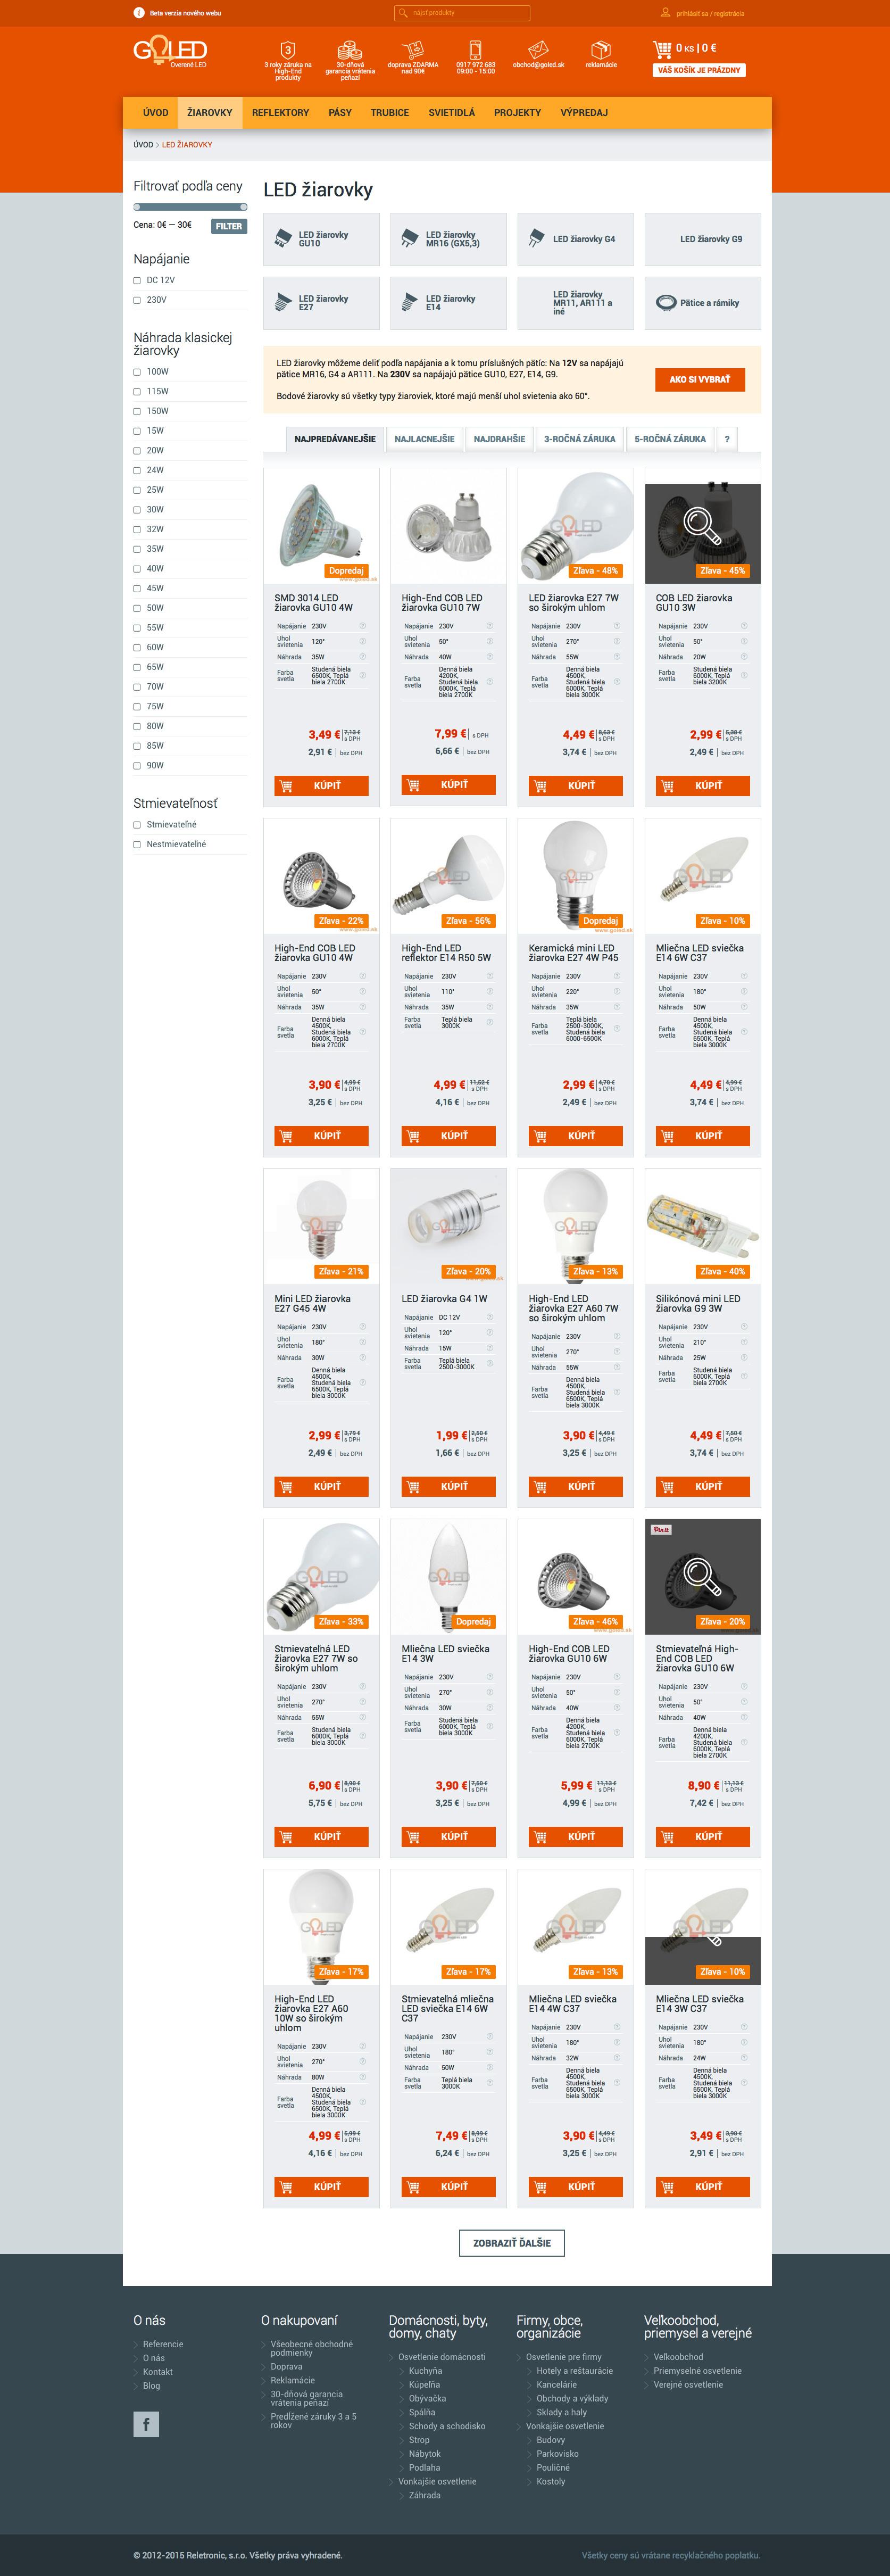 GOLED.sk - výpis produktov